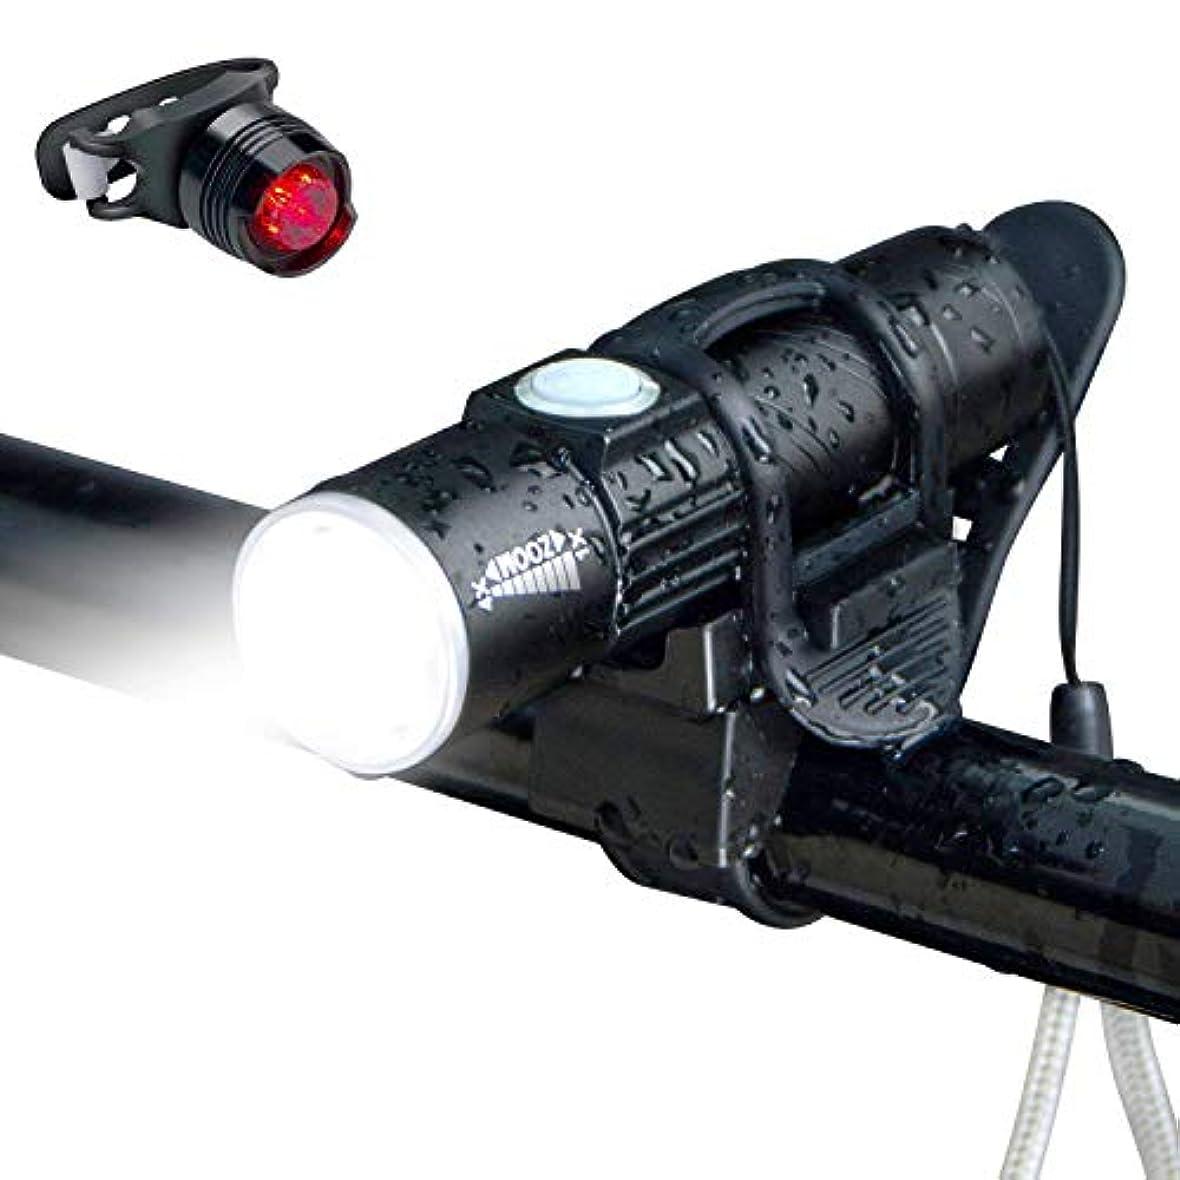 右アブストラクトお互い自転車ライト led 懐中電灯 自転車用ライト 自転車 ヘッドライト 防水 USB 充電式 フラッシュライト 自転車アクセサリー 自転車フロントライト 自転車 LED 照明 テールライト 自転車前照灯 コンパクト 軽量